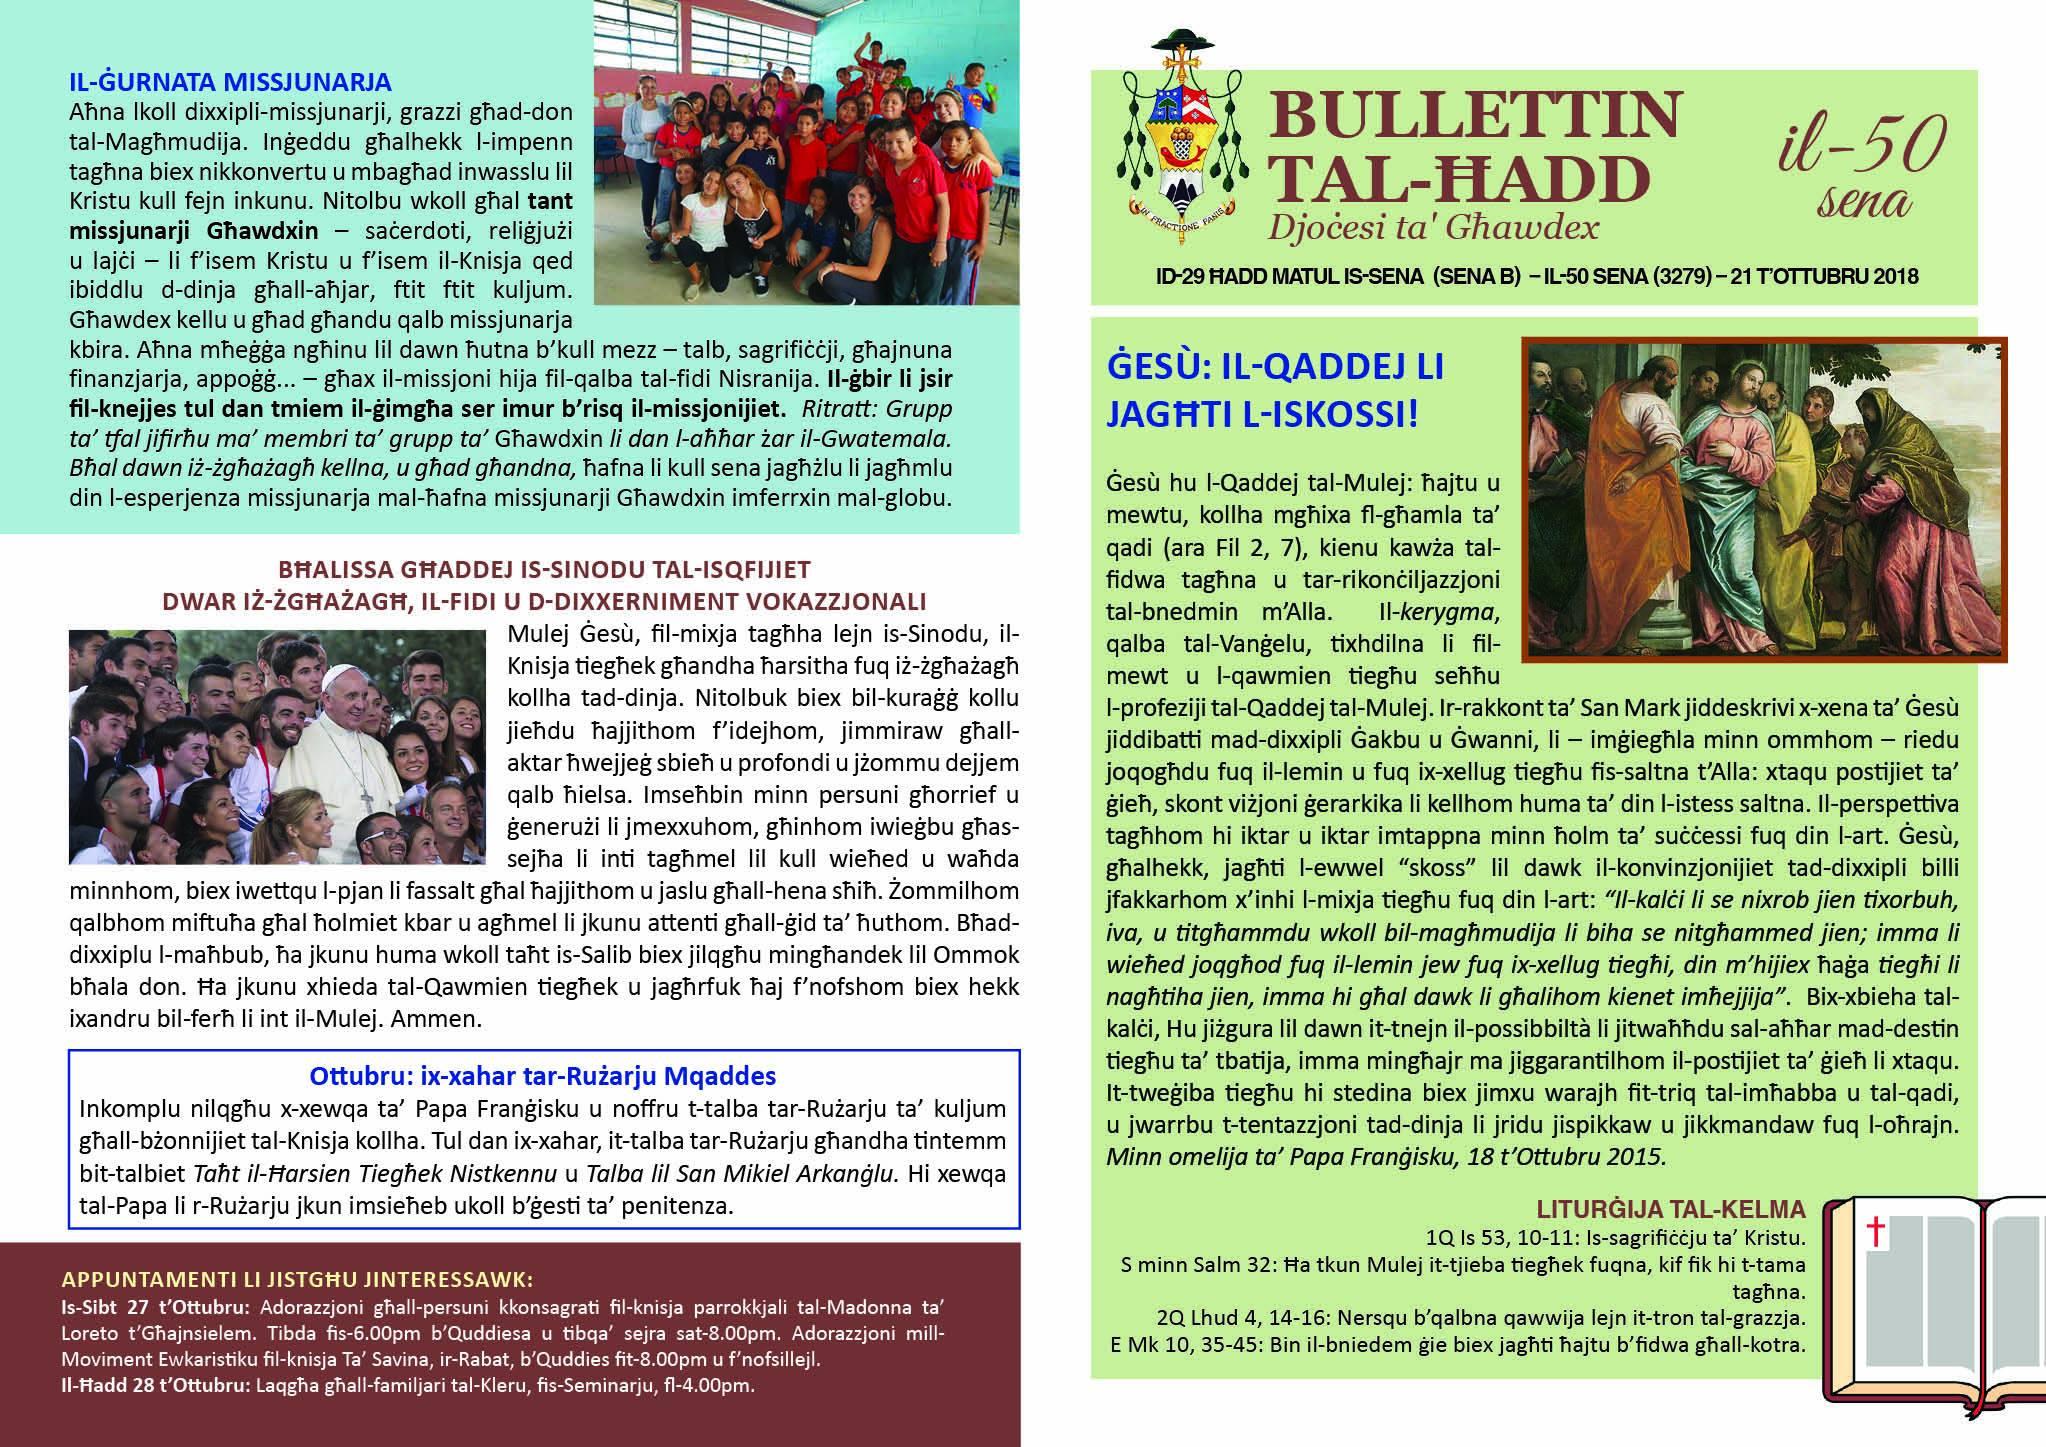 bullettin-2018-ottubru.jpg